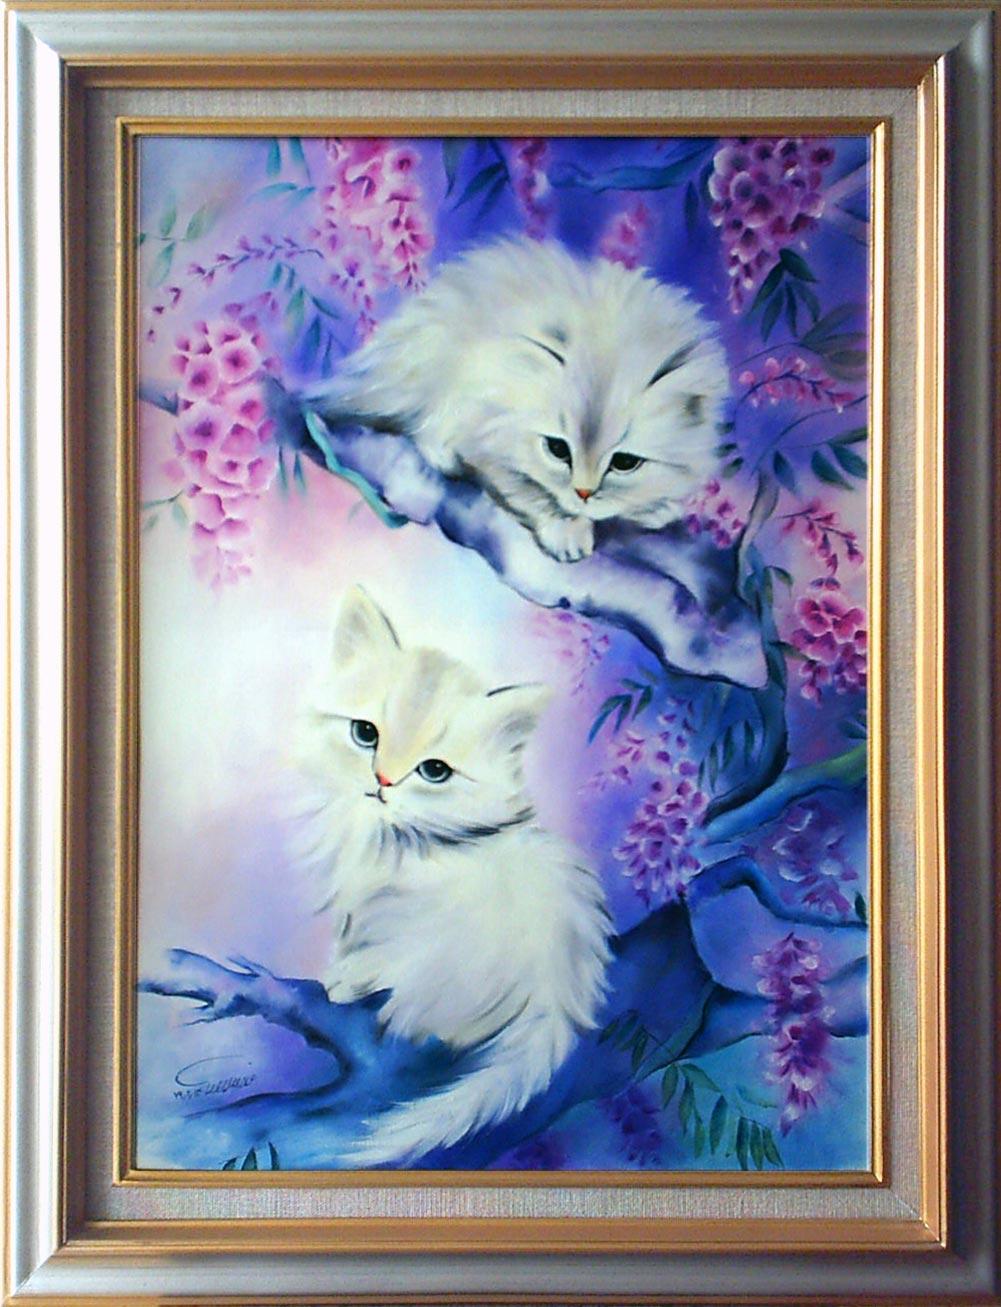 آثار نقاشی رنگ روغن روی بوم - گربه ها